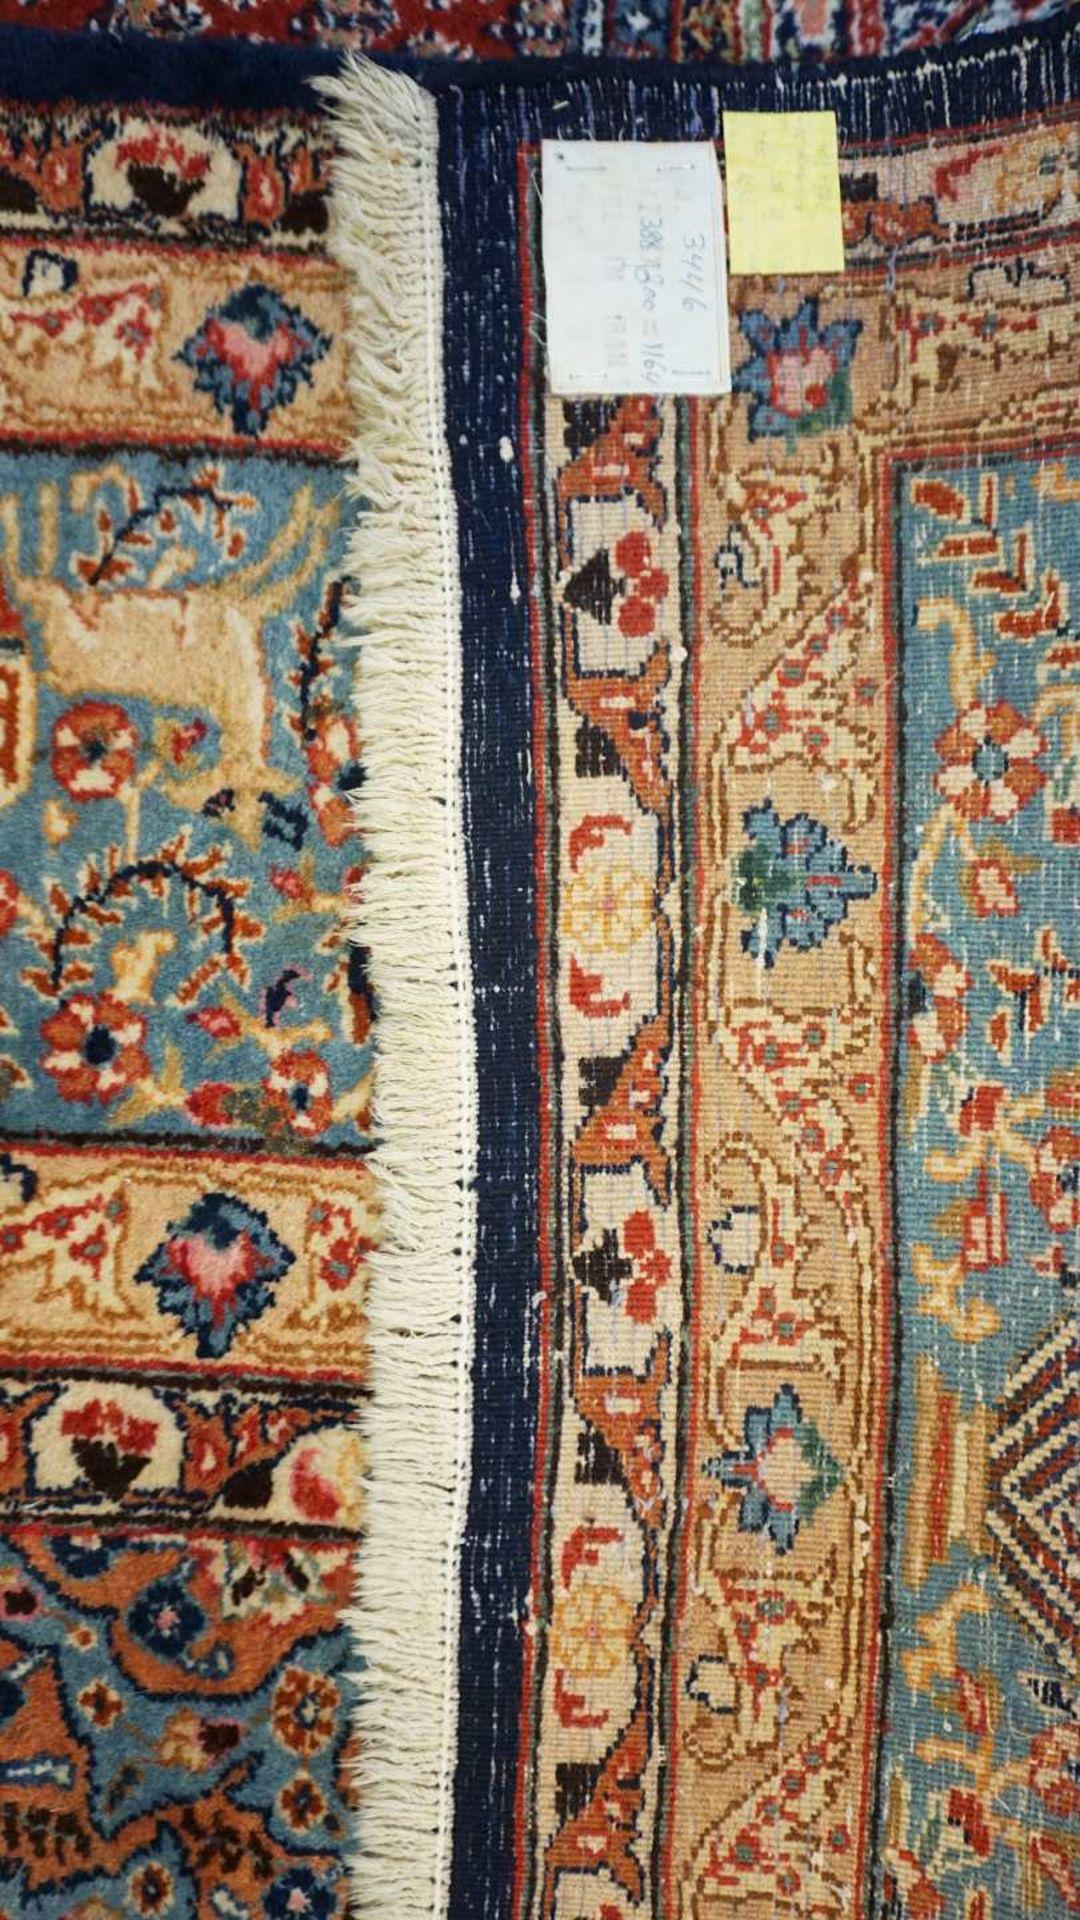 1 Orientteppich KASCHMIR, Iran, wohl 1930er-1960er Jahre Mittelfeld blaugrundig mit 4 - Bild 2 aus 2